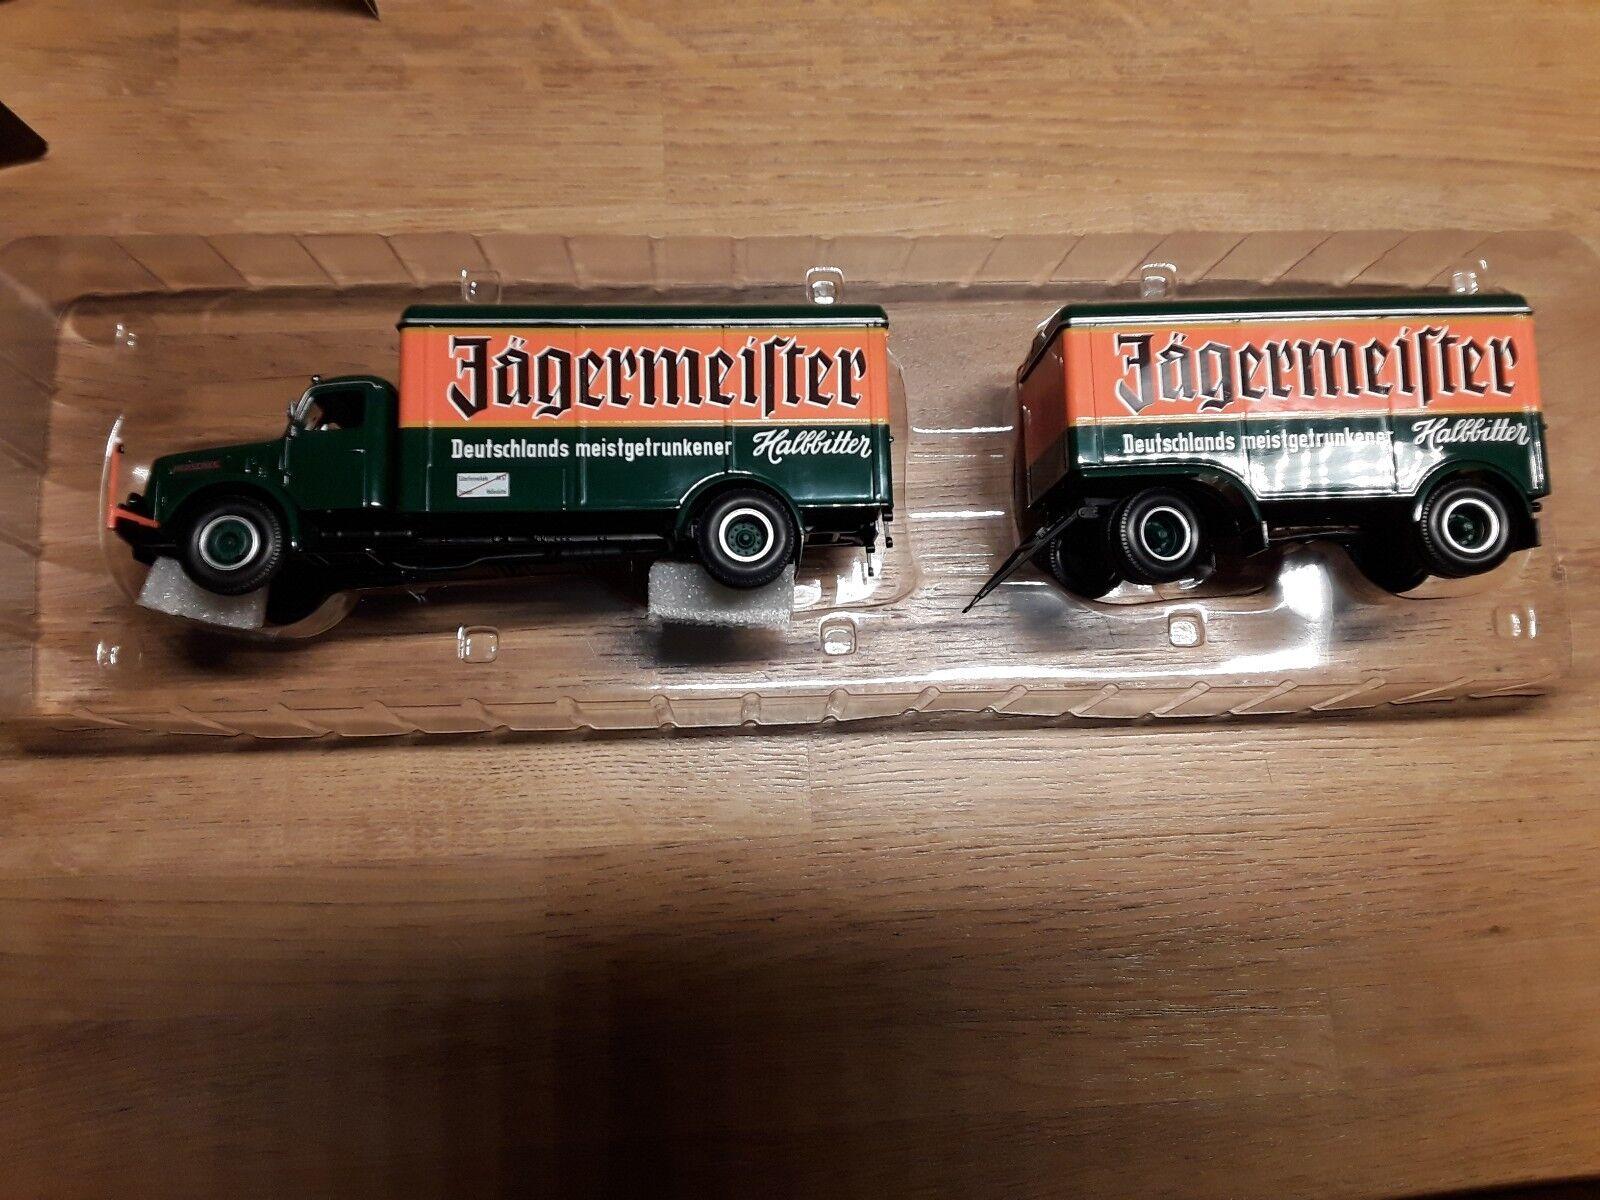 Henschel HS 140  Kofferzug  Jagermeister  1  43 Minichamps  no.1 en ligne